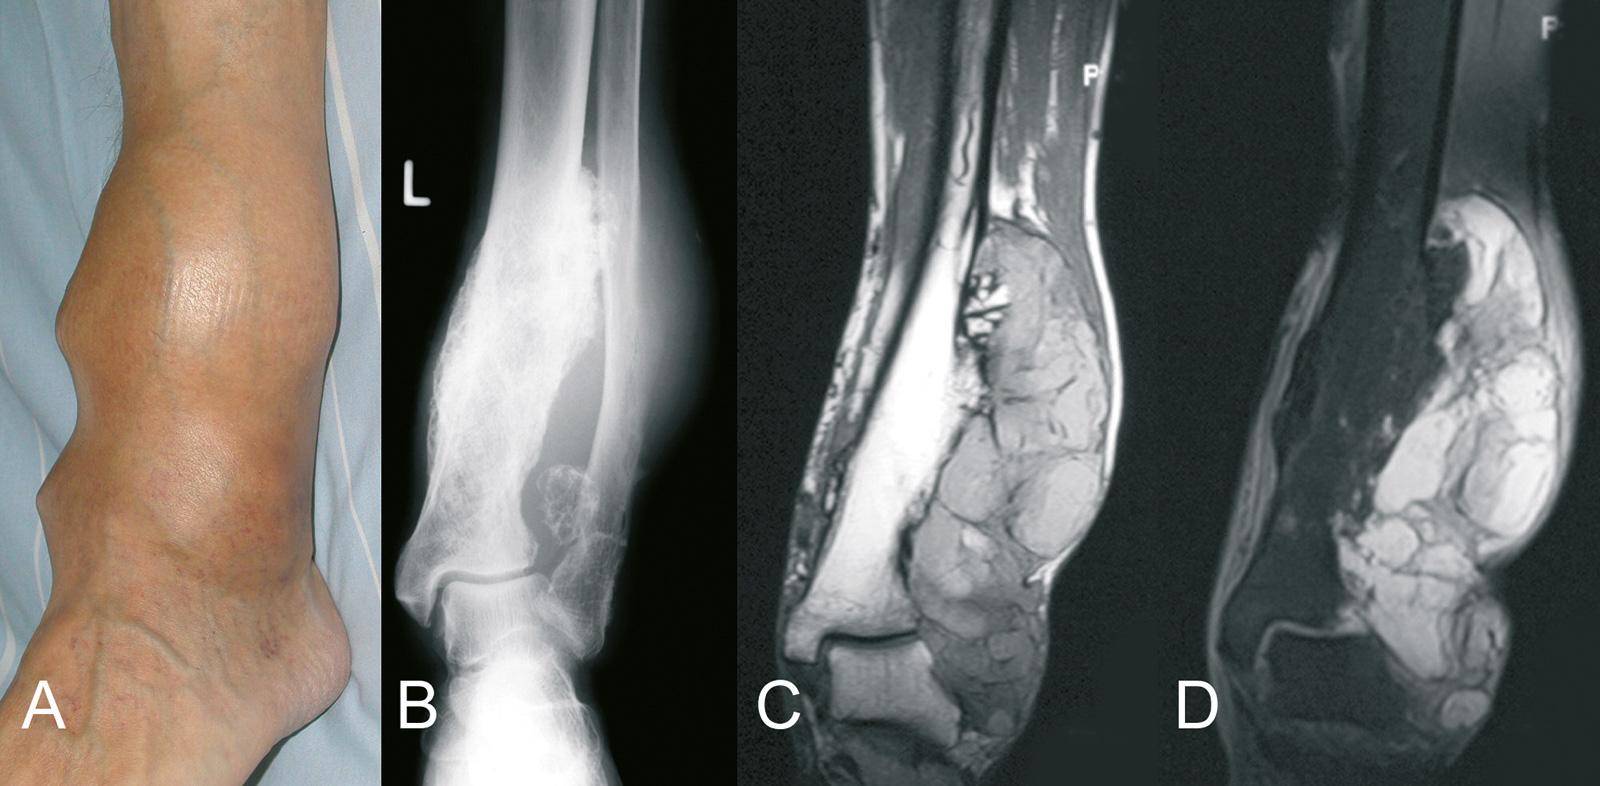 Abb. 8-62: Myxoides G1 Chondrosarkom der distalen Tibia. Aufgrund der massiven Ausdehnung des Tumors war ein Extremitätenerhalt bei diesem Patienten nicht möglich